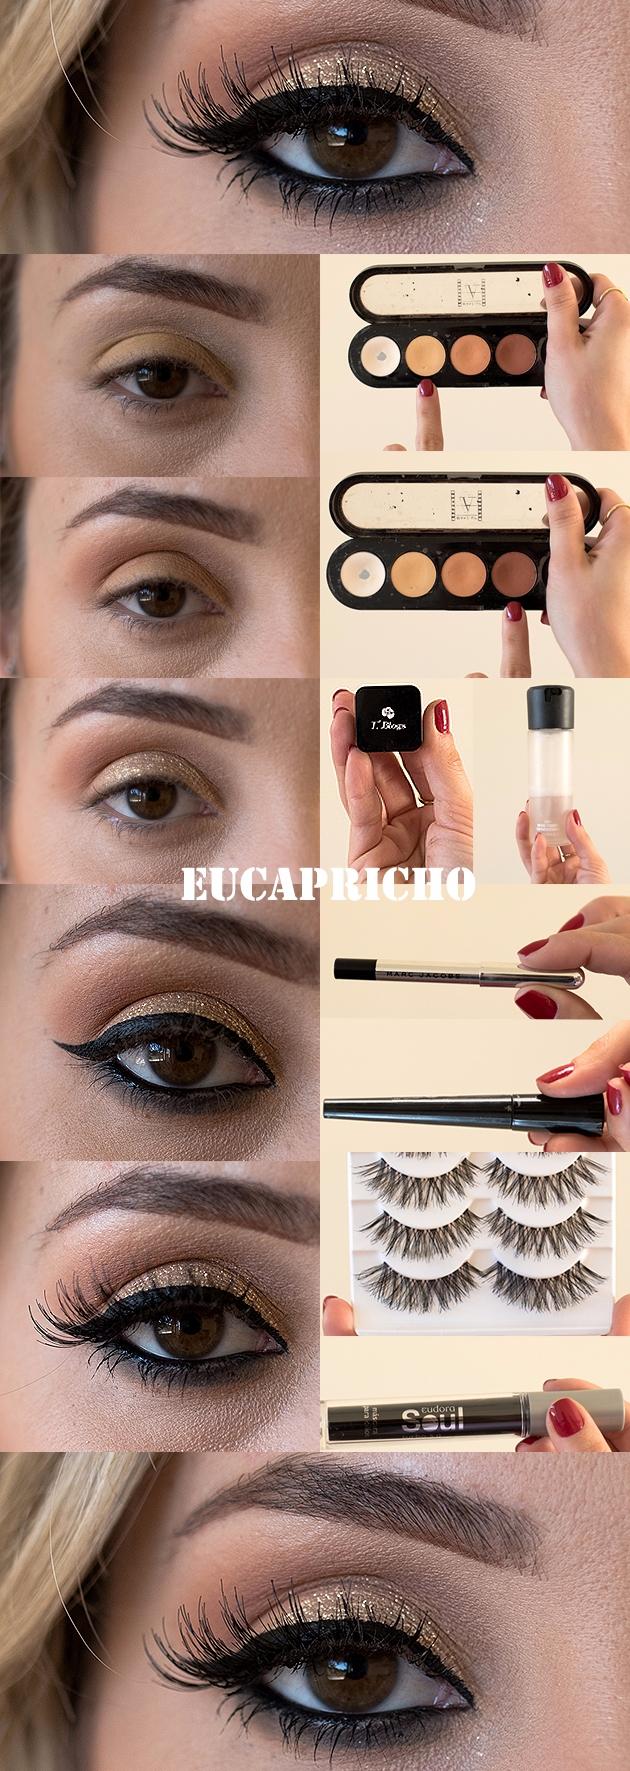 Esta maquiagem foi inspirada na - maquiagem_para_festa | ello